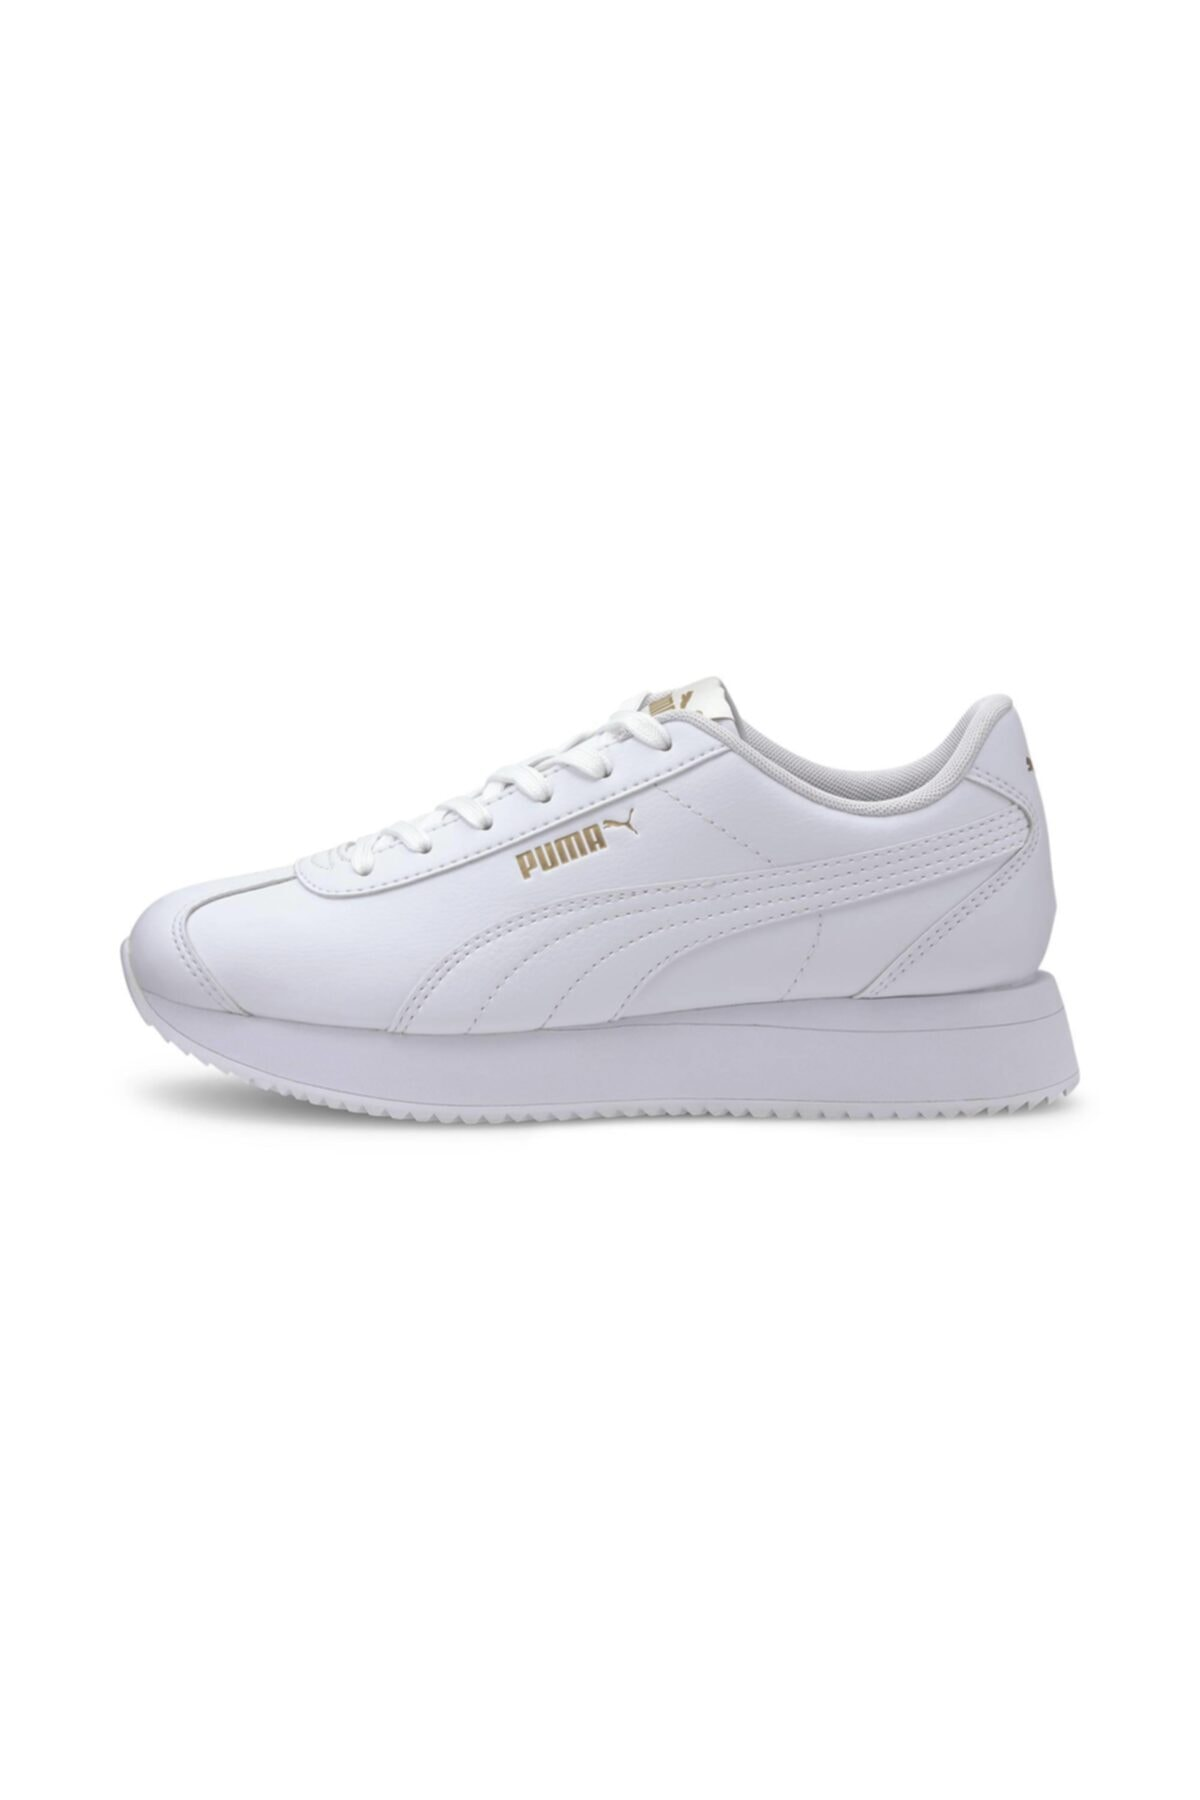 Puma Turino Stacked Kadın Günlük Spor Ayakkabı - 37111501 2